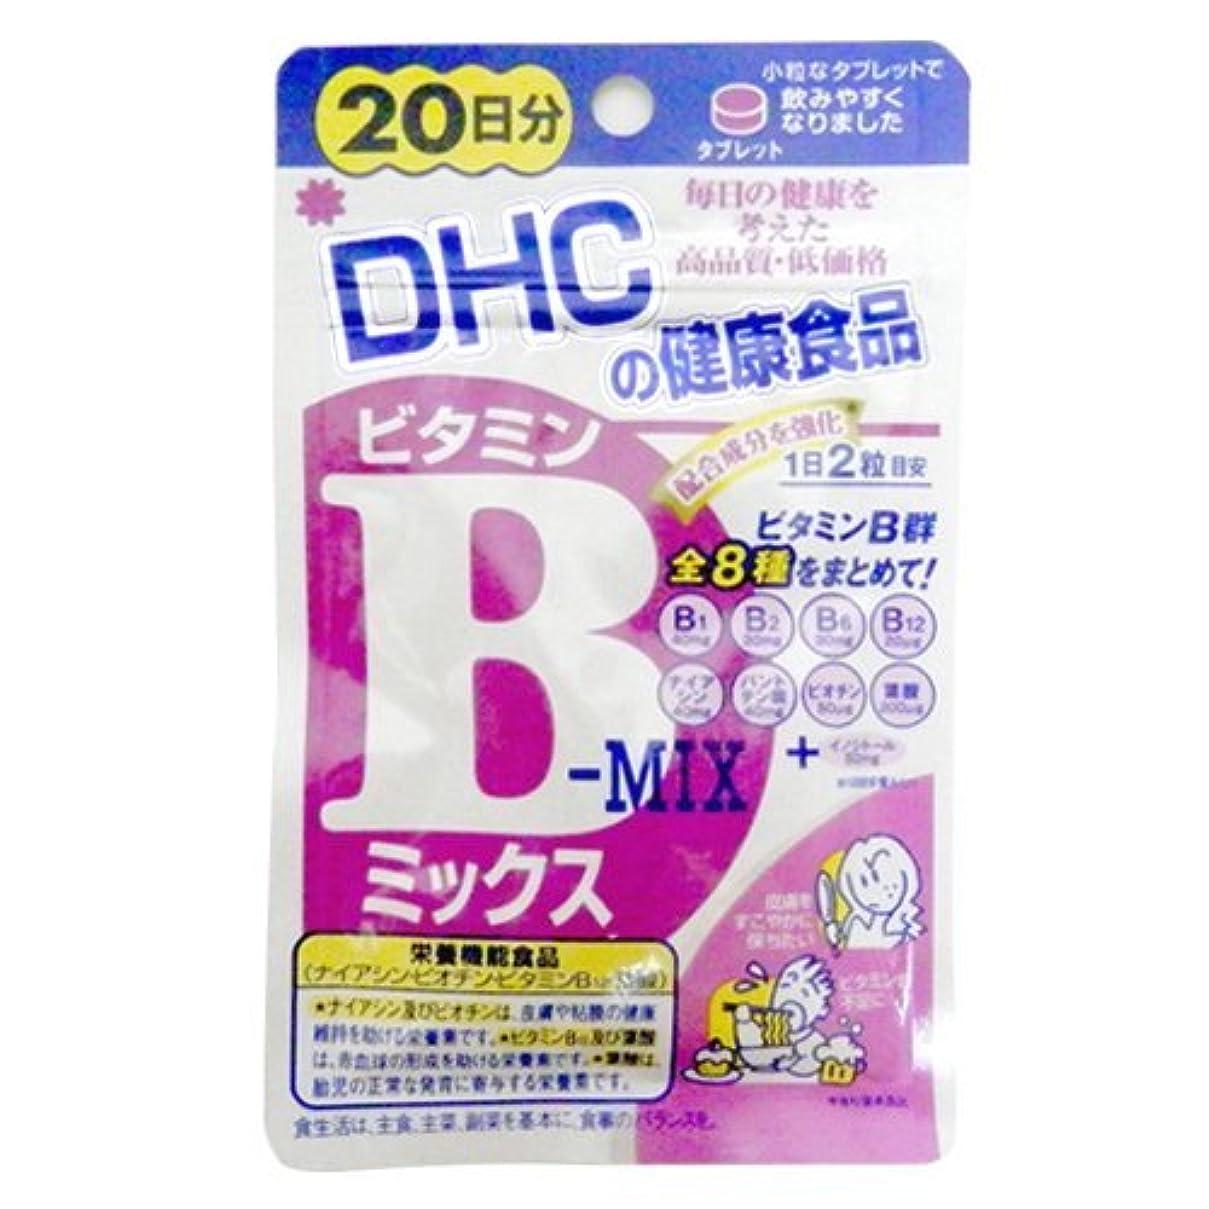 積分ブレンドシンポジウムDHC ビタミンBミックス 20日分 40粒